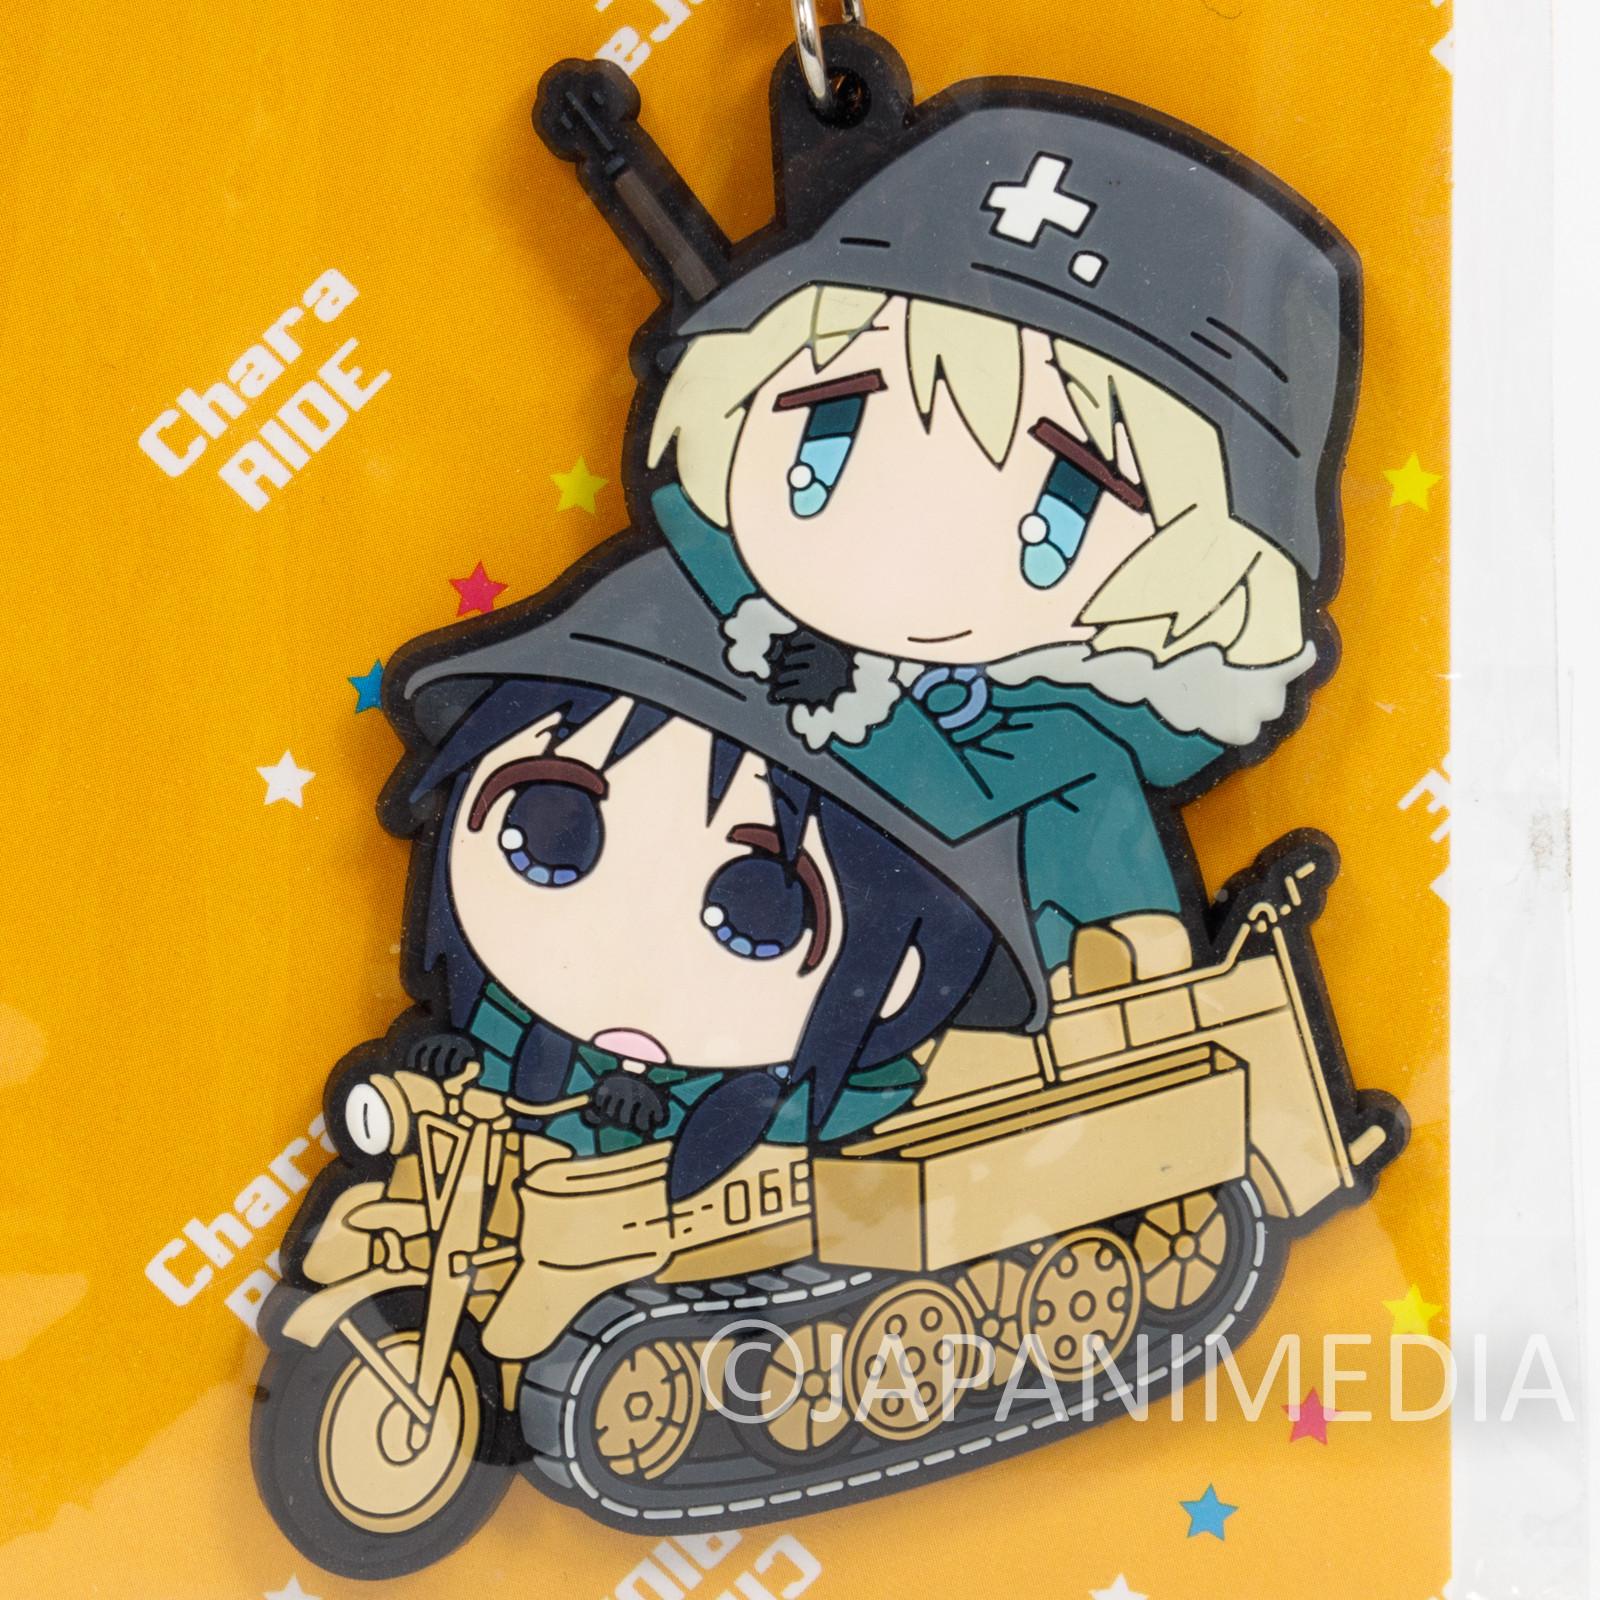 Girls' Last Tour Chito & Yuuri Rubber Mascot Strap Shojo Shomatsu Ryoko